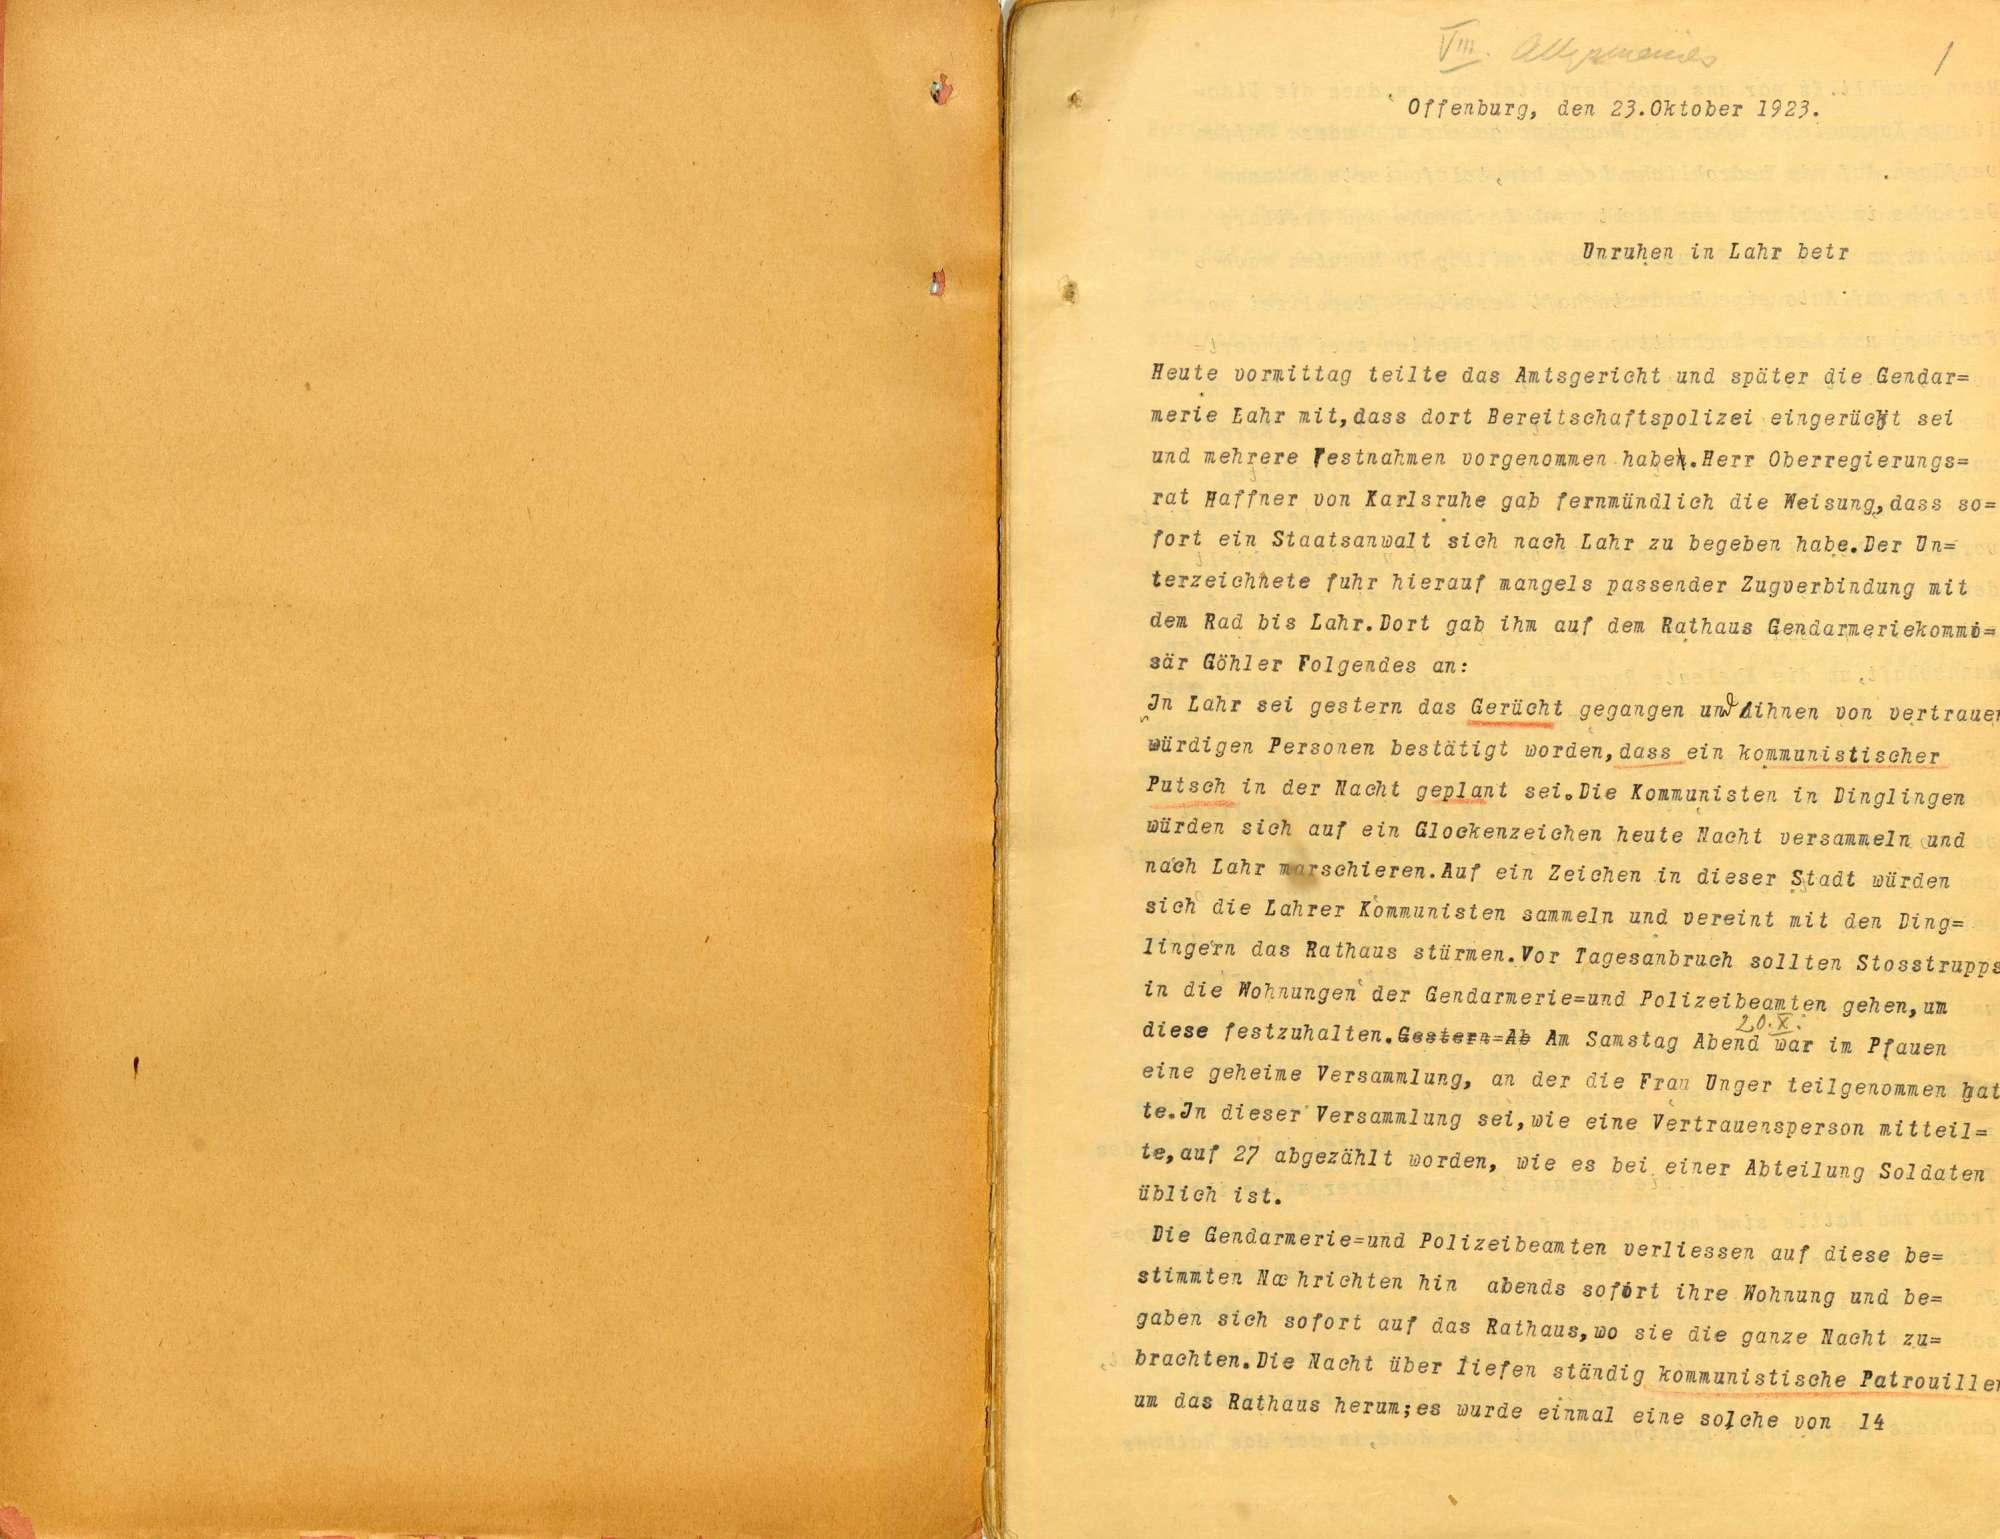 Strafsache gegen Wilhelm Gern, Lahr, und weitere 10 Angeklagte wegen Aufruhr, Teilnahme an bewaffneten Haufen, unerlaubter Waffenbesitz, Widerstand (Lahrer Unruhen, Oktober 1923), Bild 3